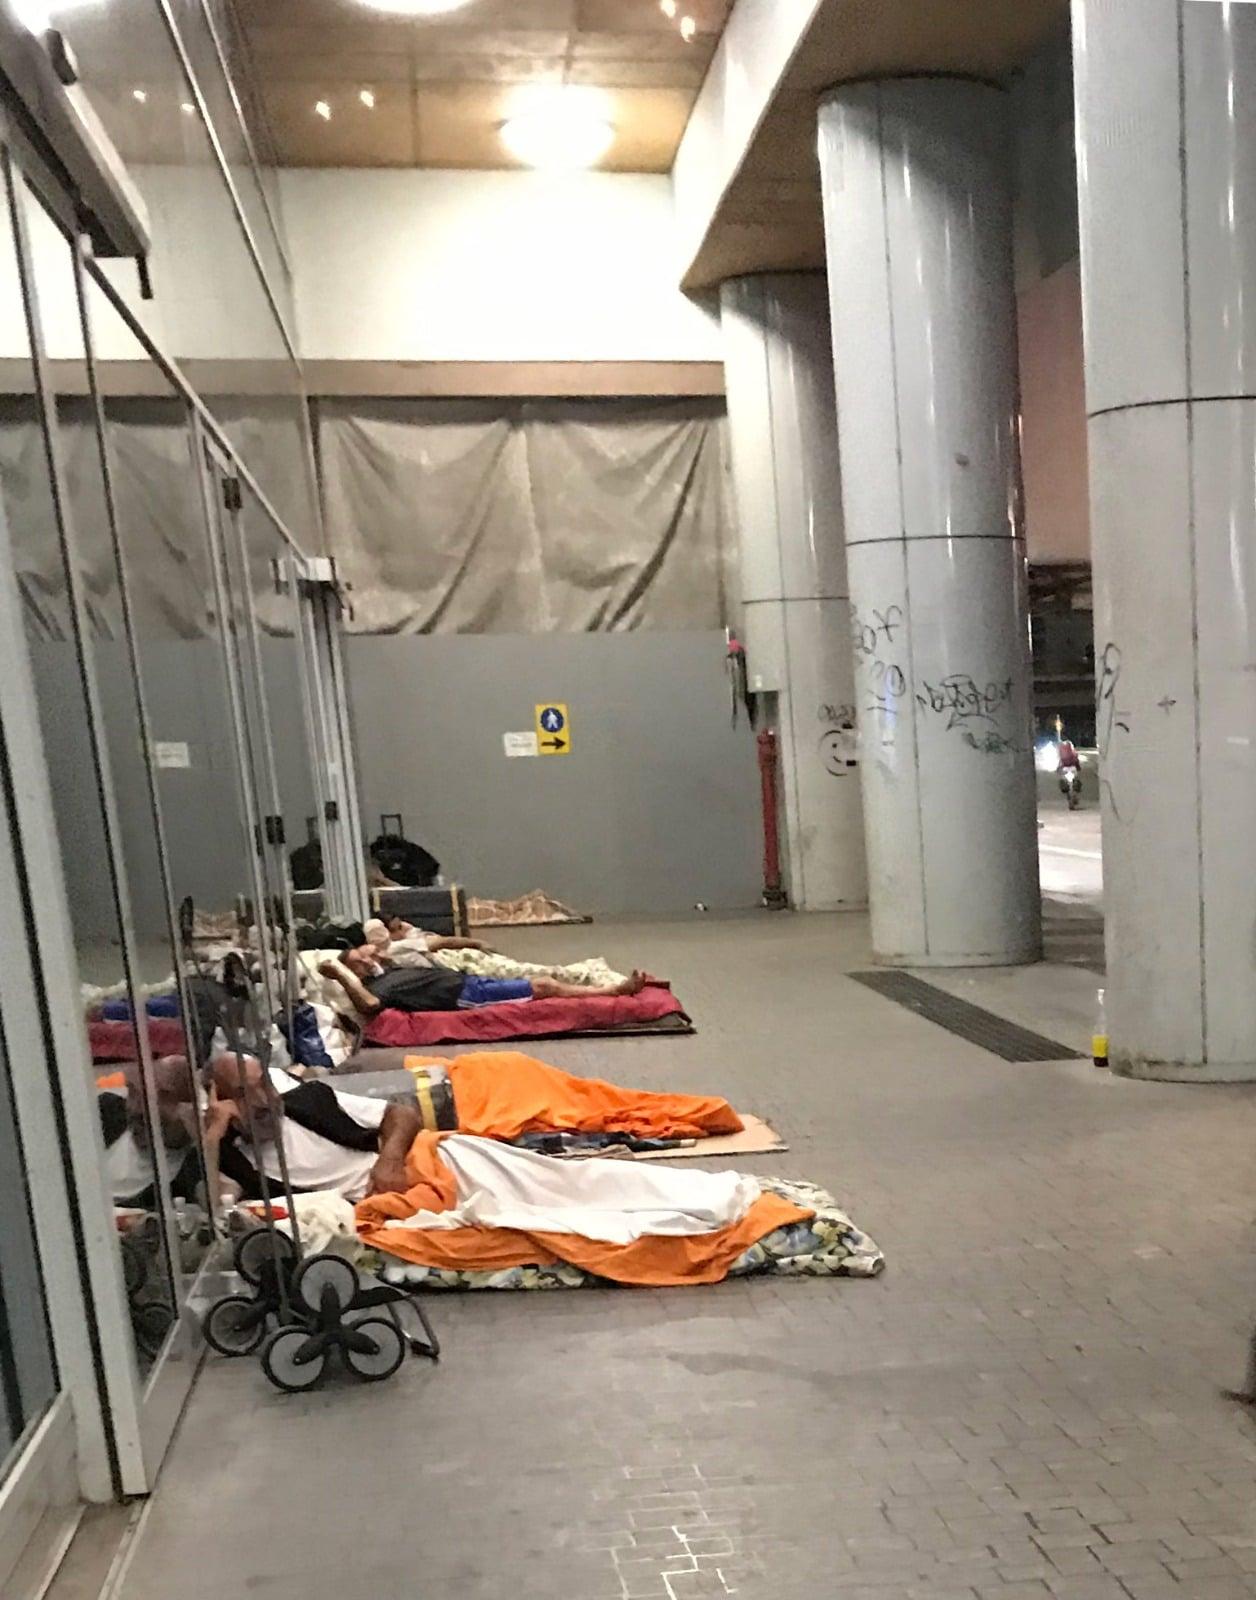 Il lockdown ha fatto 700 mila disoccupati.<br> Viaggio nel cuore di Milano, tra coloro che hanno perso tutto e ora dormono sul marciapiede.